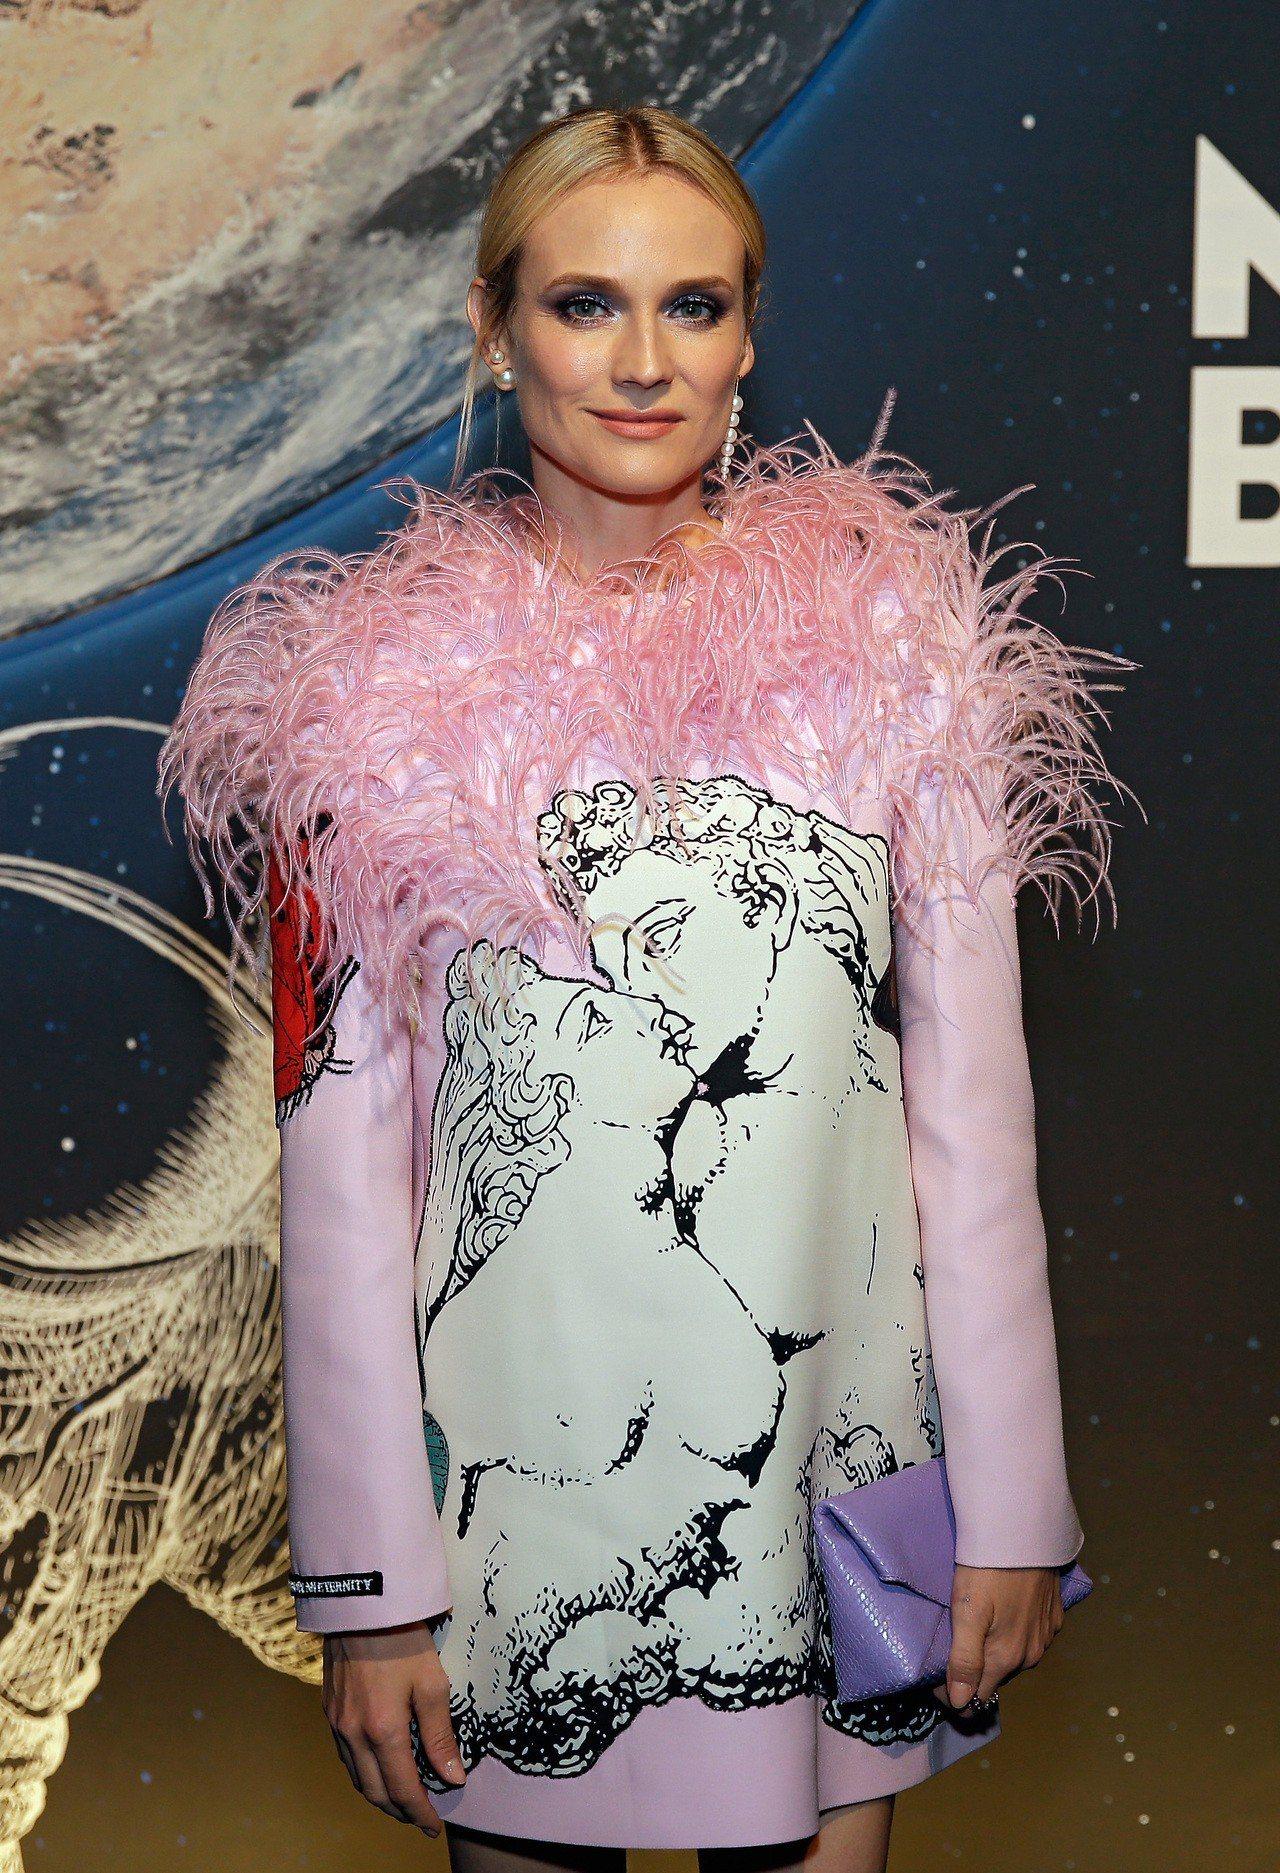 好萊塢女星黛安克魯格出席全新StarWalker星際行者系列書寫工具的休士頓全球...